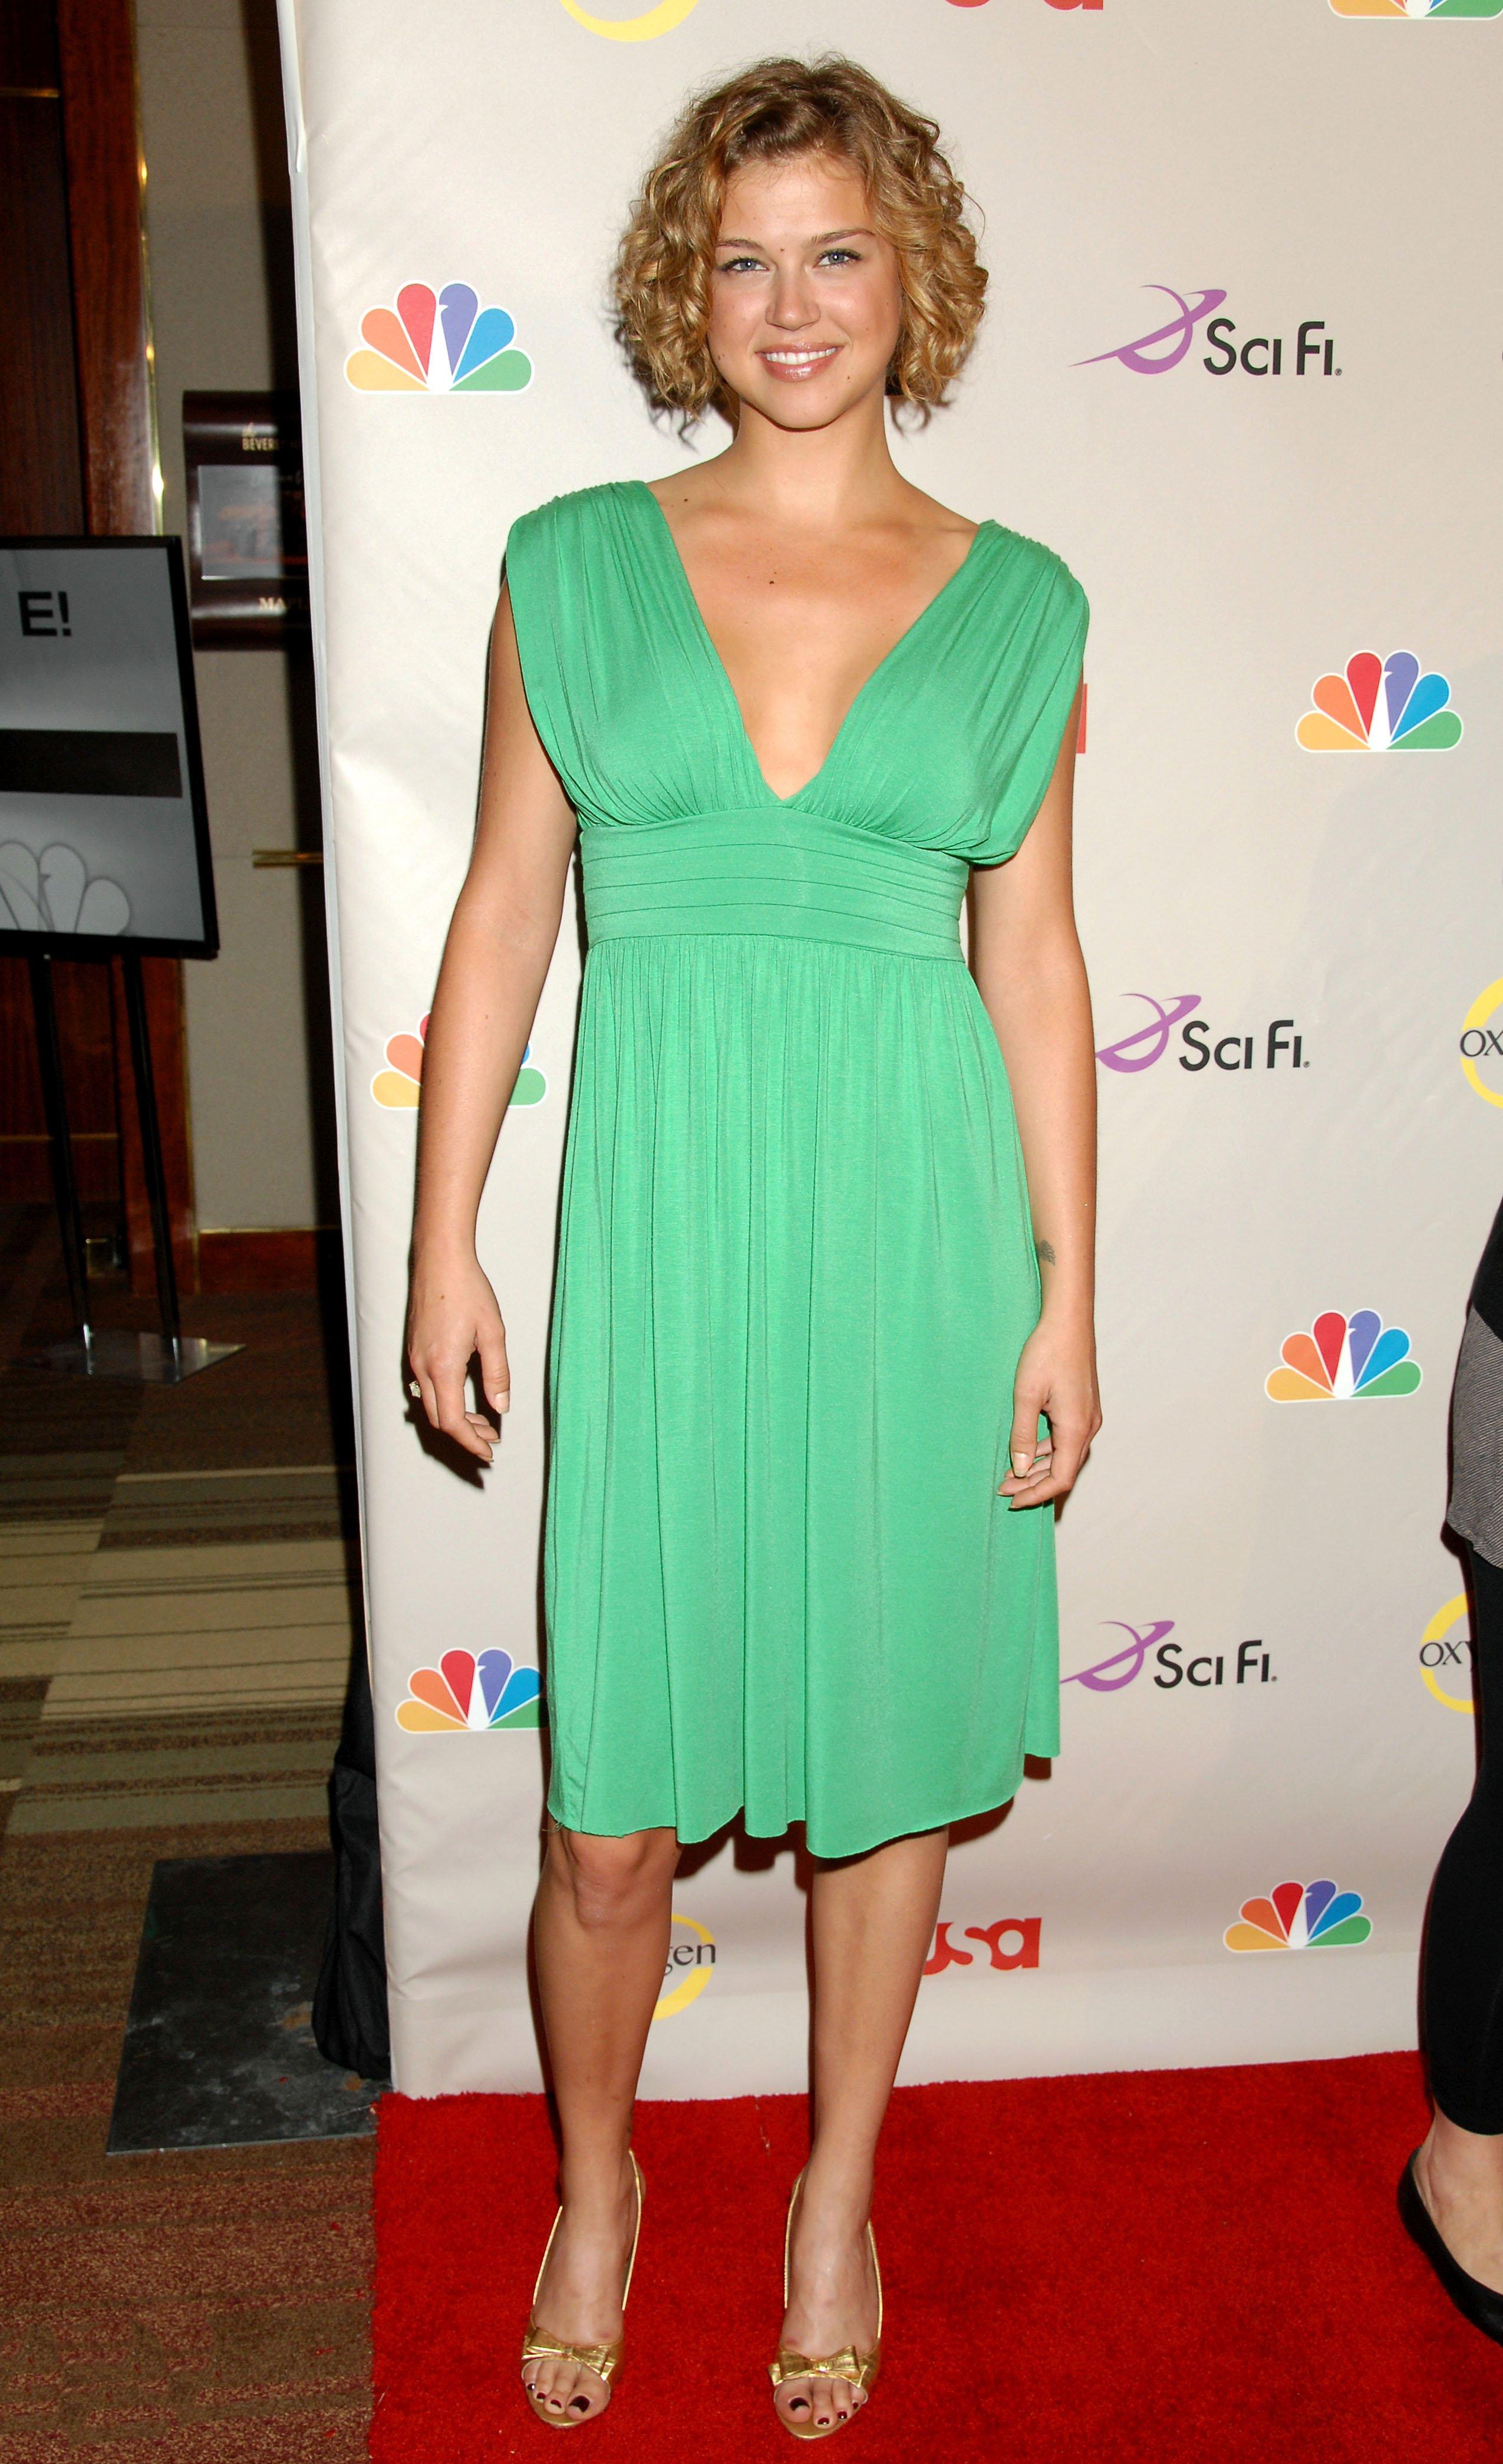 73078_Celebutopia-Adrianne_Palicki-NBC_Universal_2008_Press_Tour_All-Star_Party-07_122_721lo.jpg